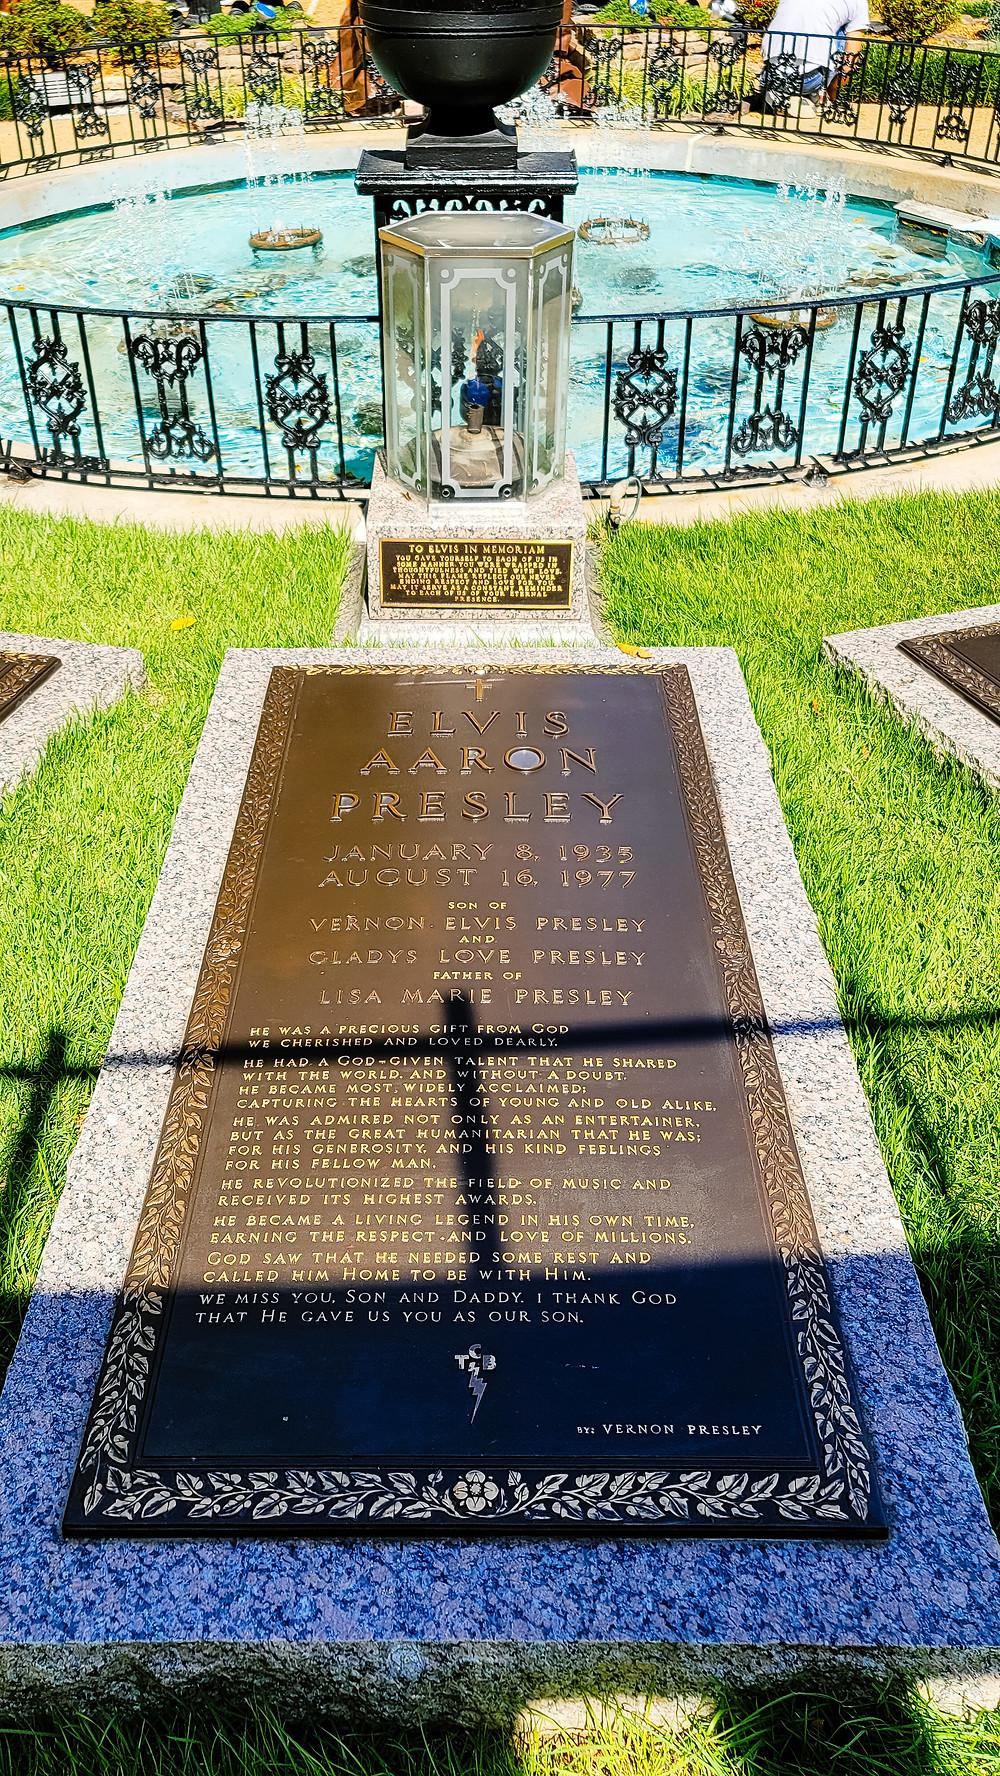 elvis presley graceland grave grób